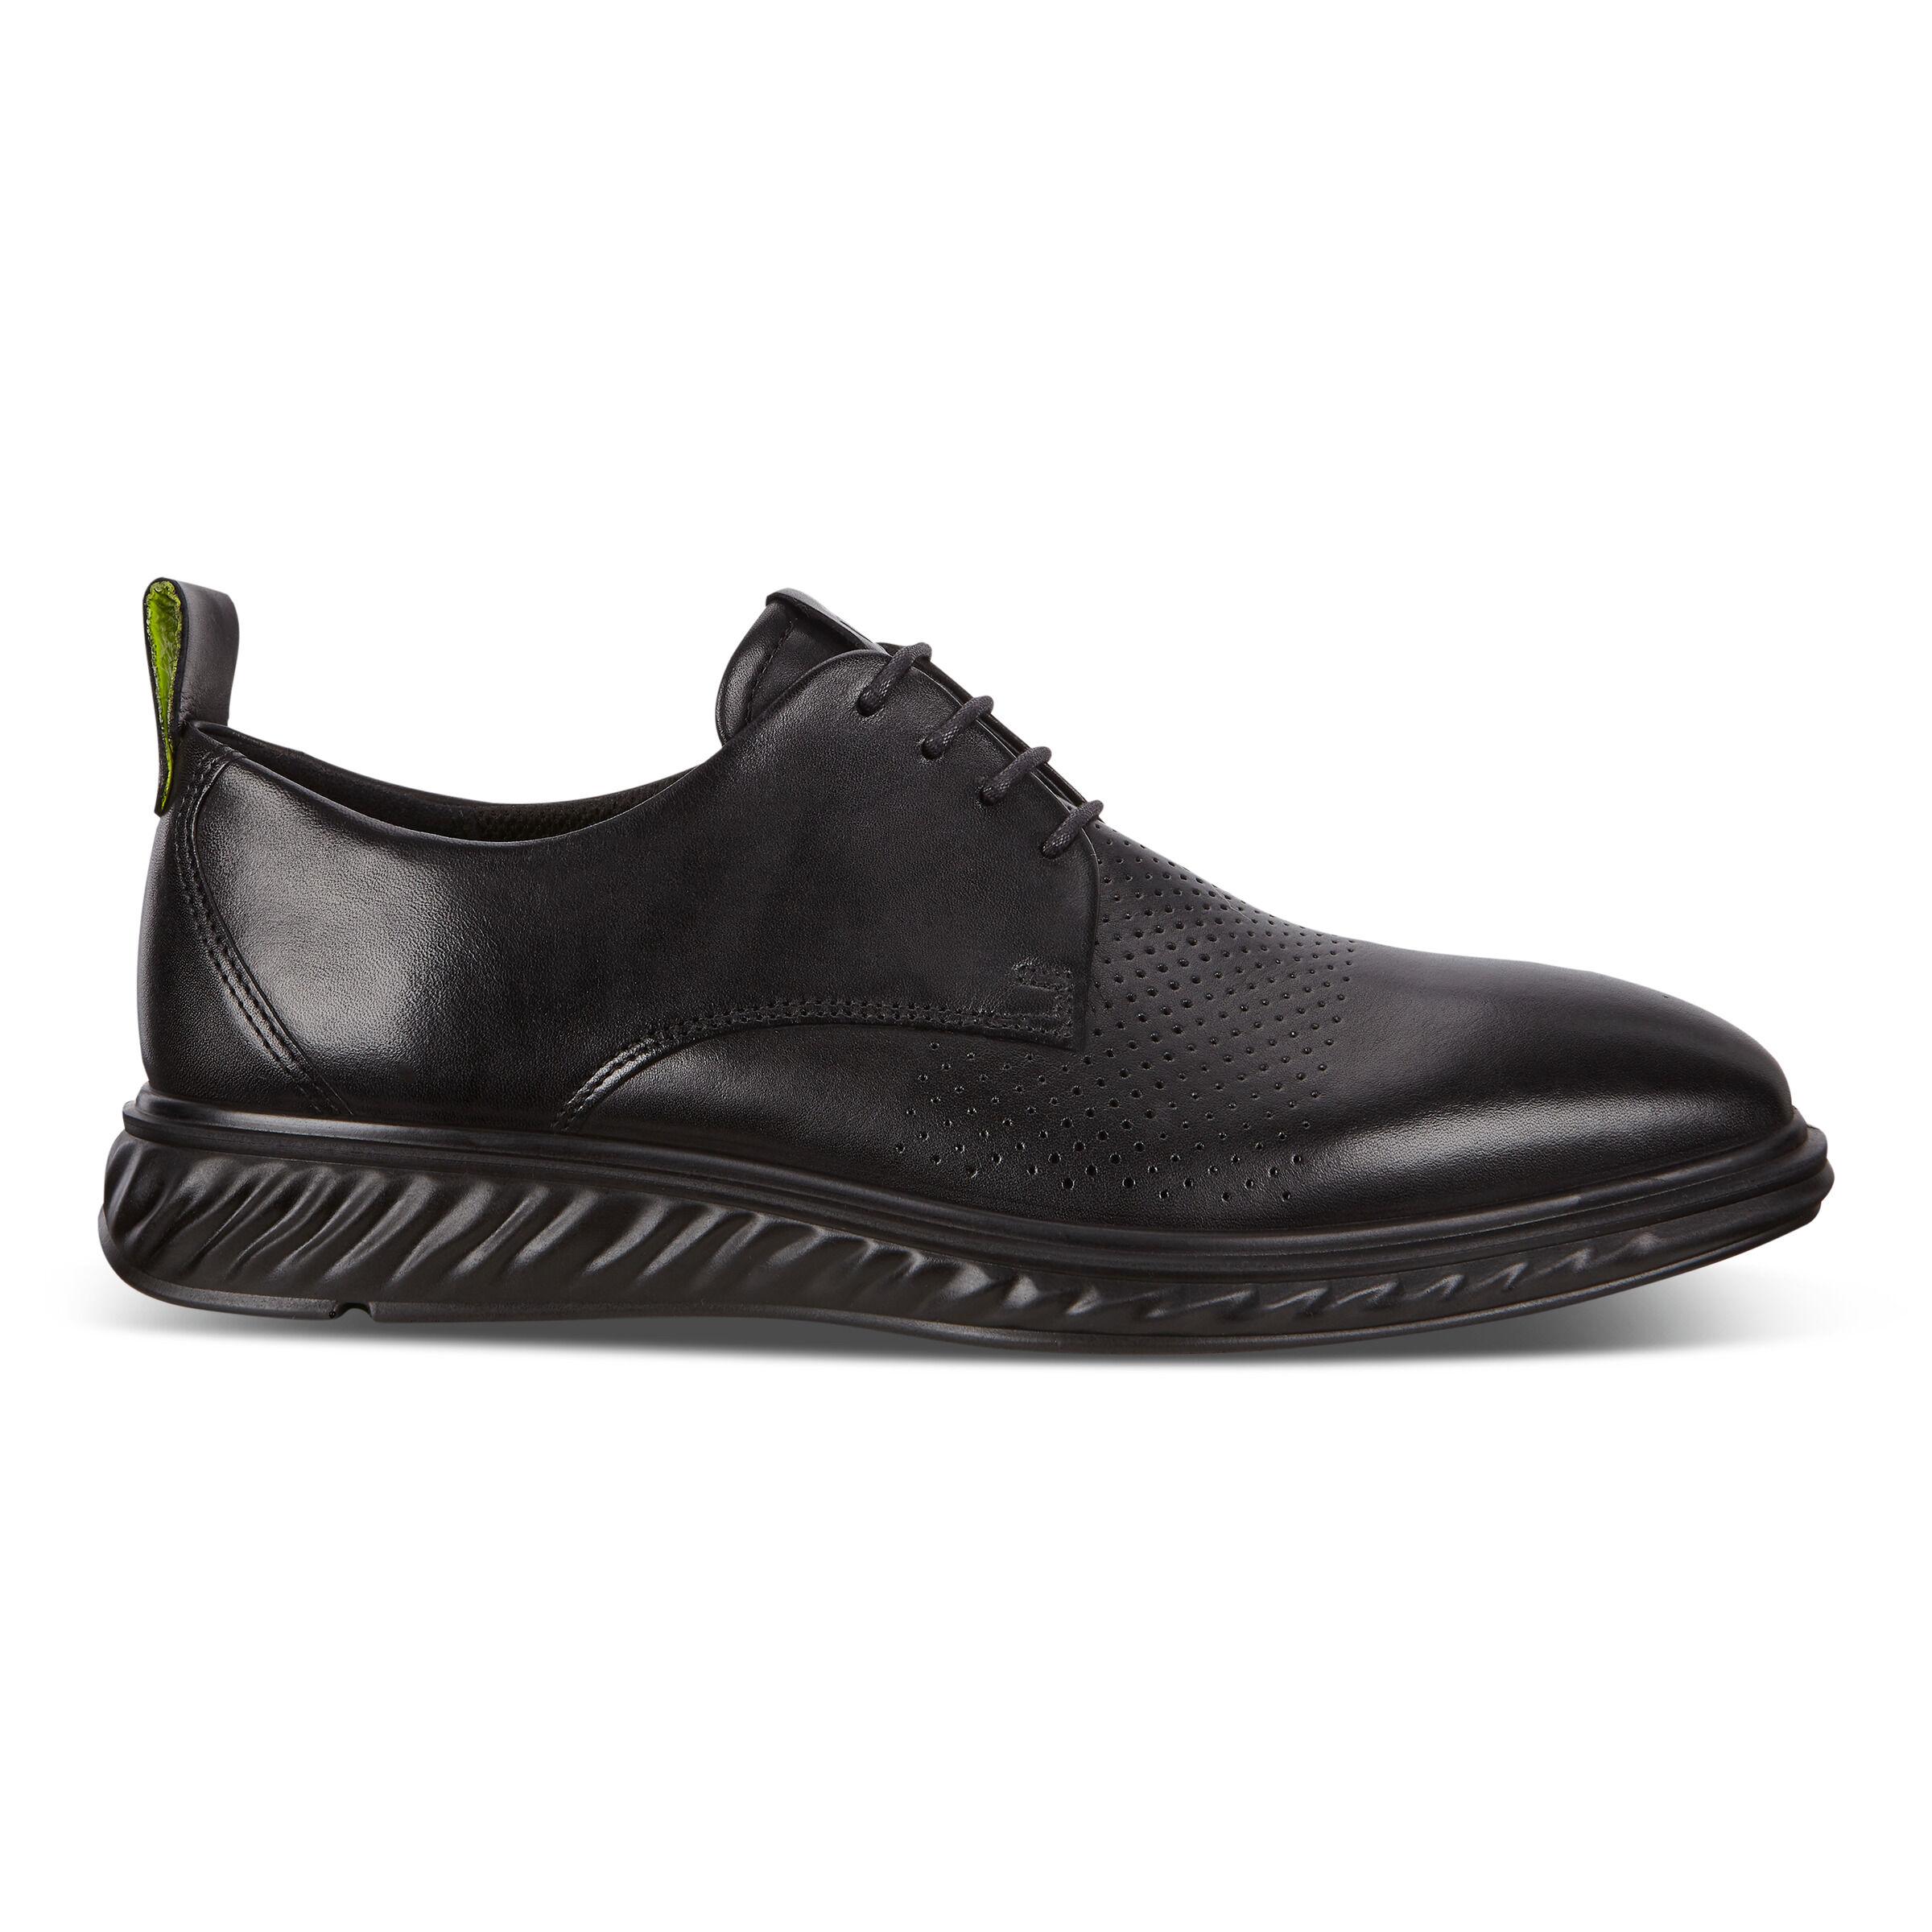 에코 St. 1 하이브리드 라이트 슈즈 ECCO ST.1 Hybrid Lite Plain-Toe Derby Shoes,black